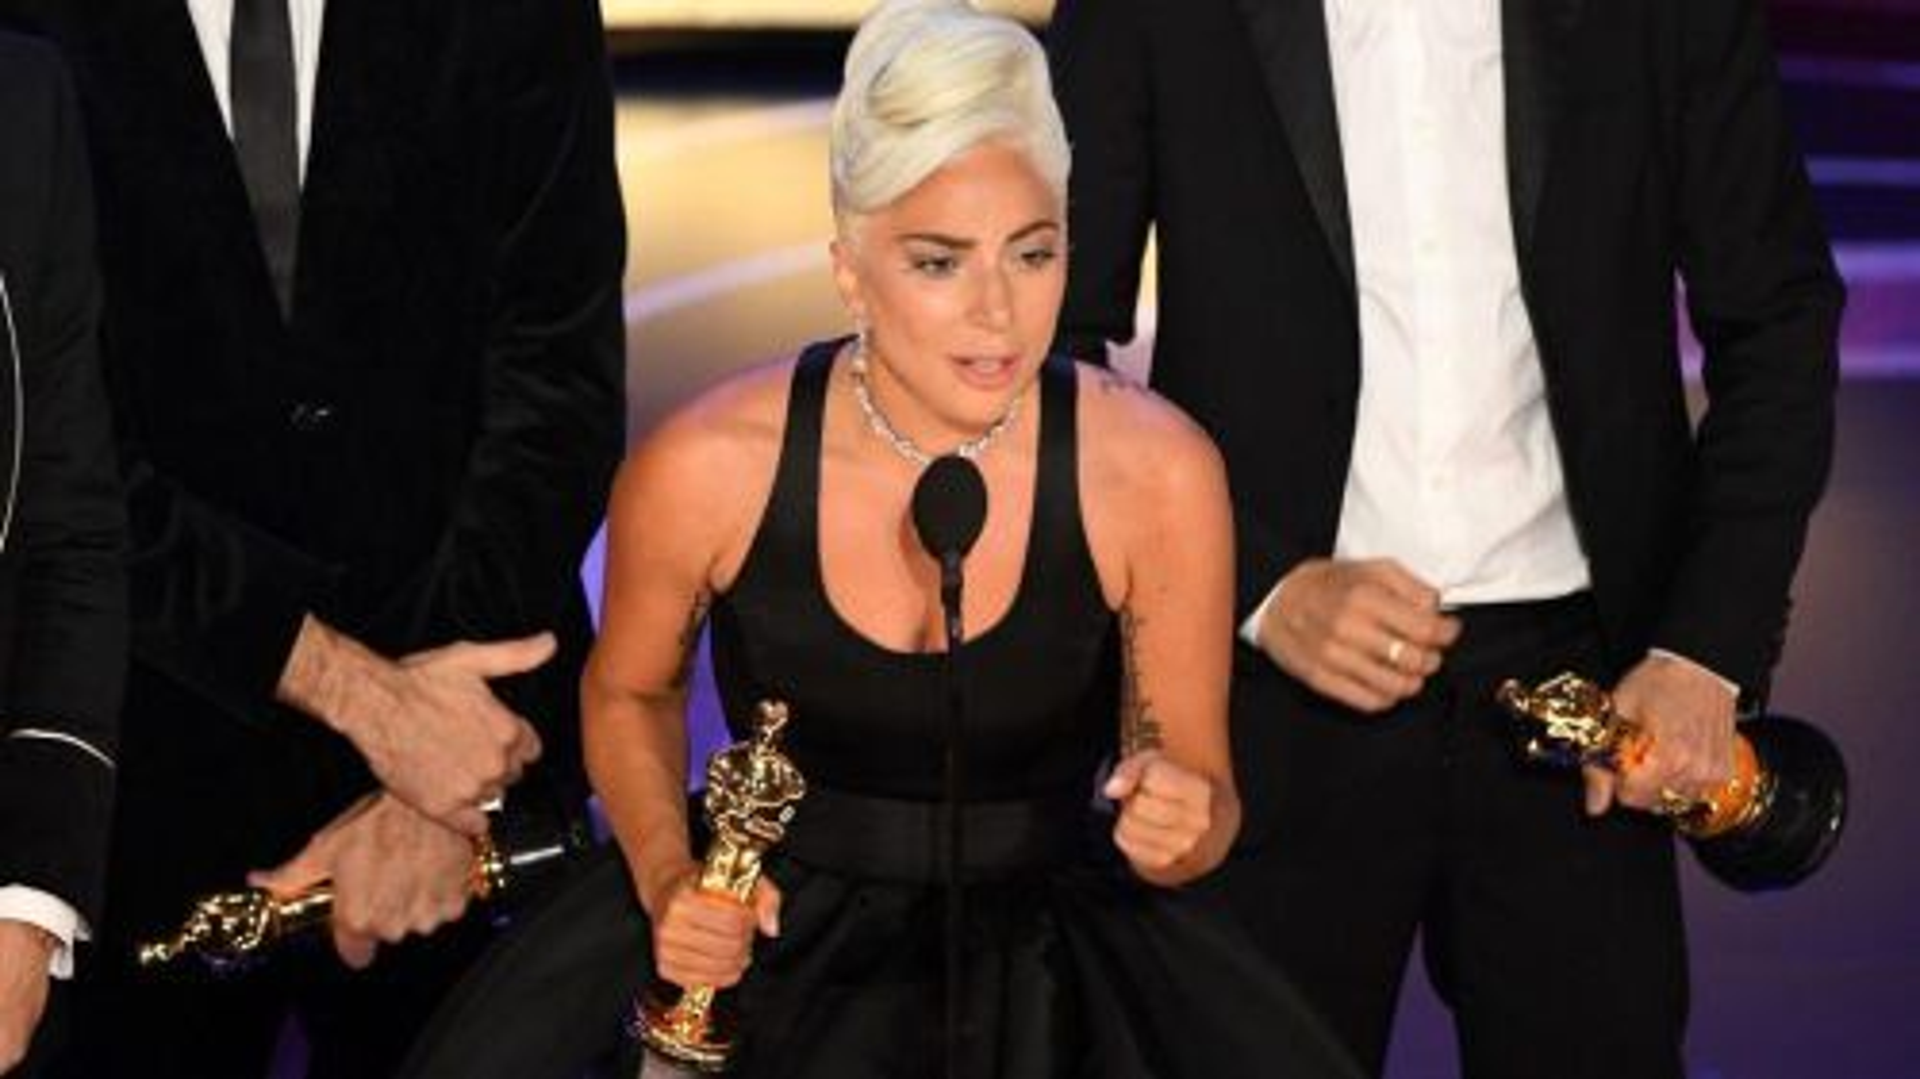 Noa Johannes over de opmerkelijkste momenten van de Oscars